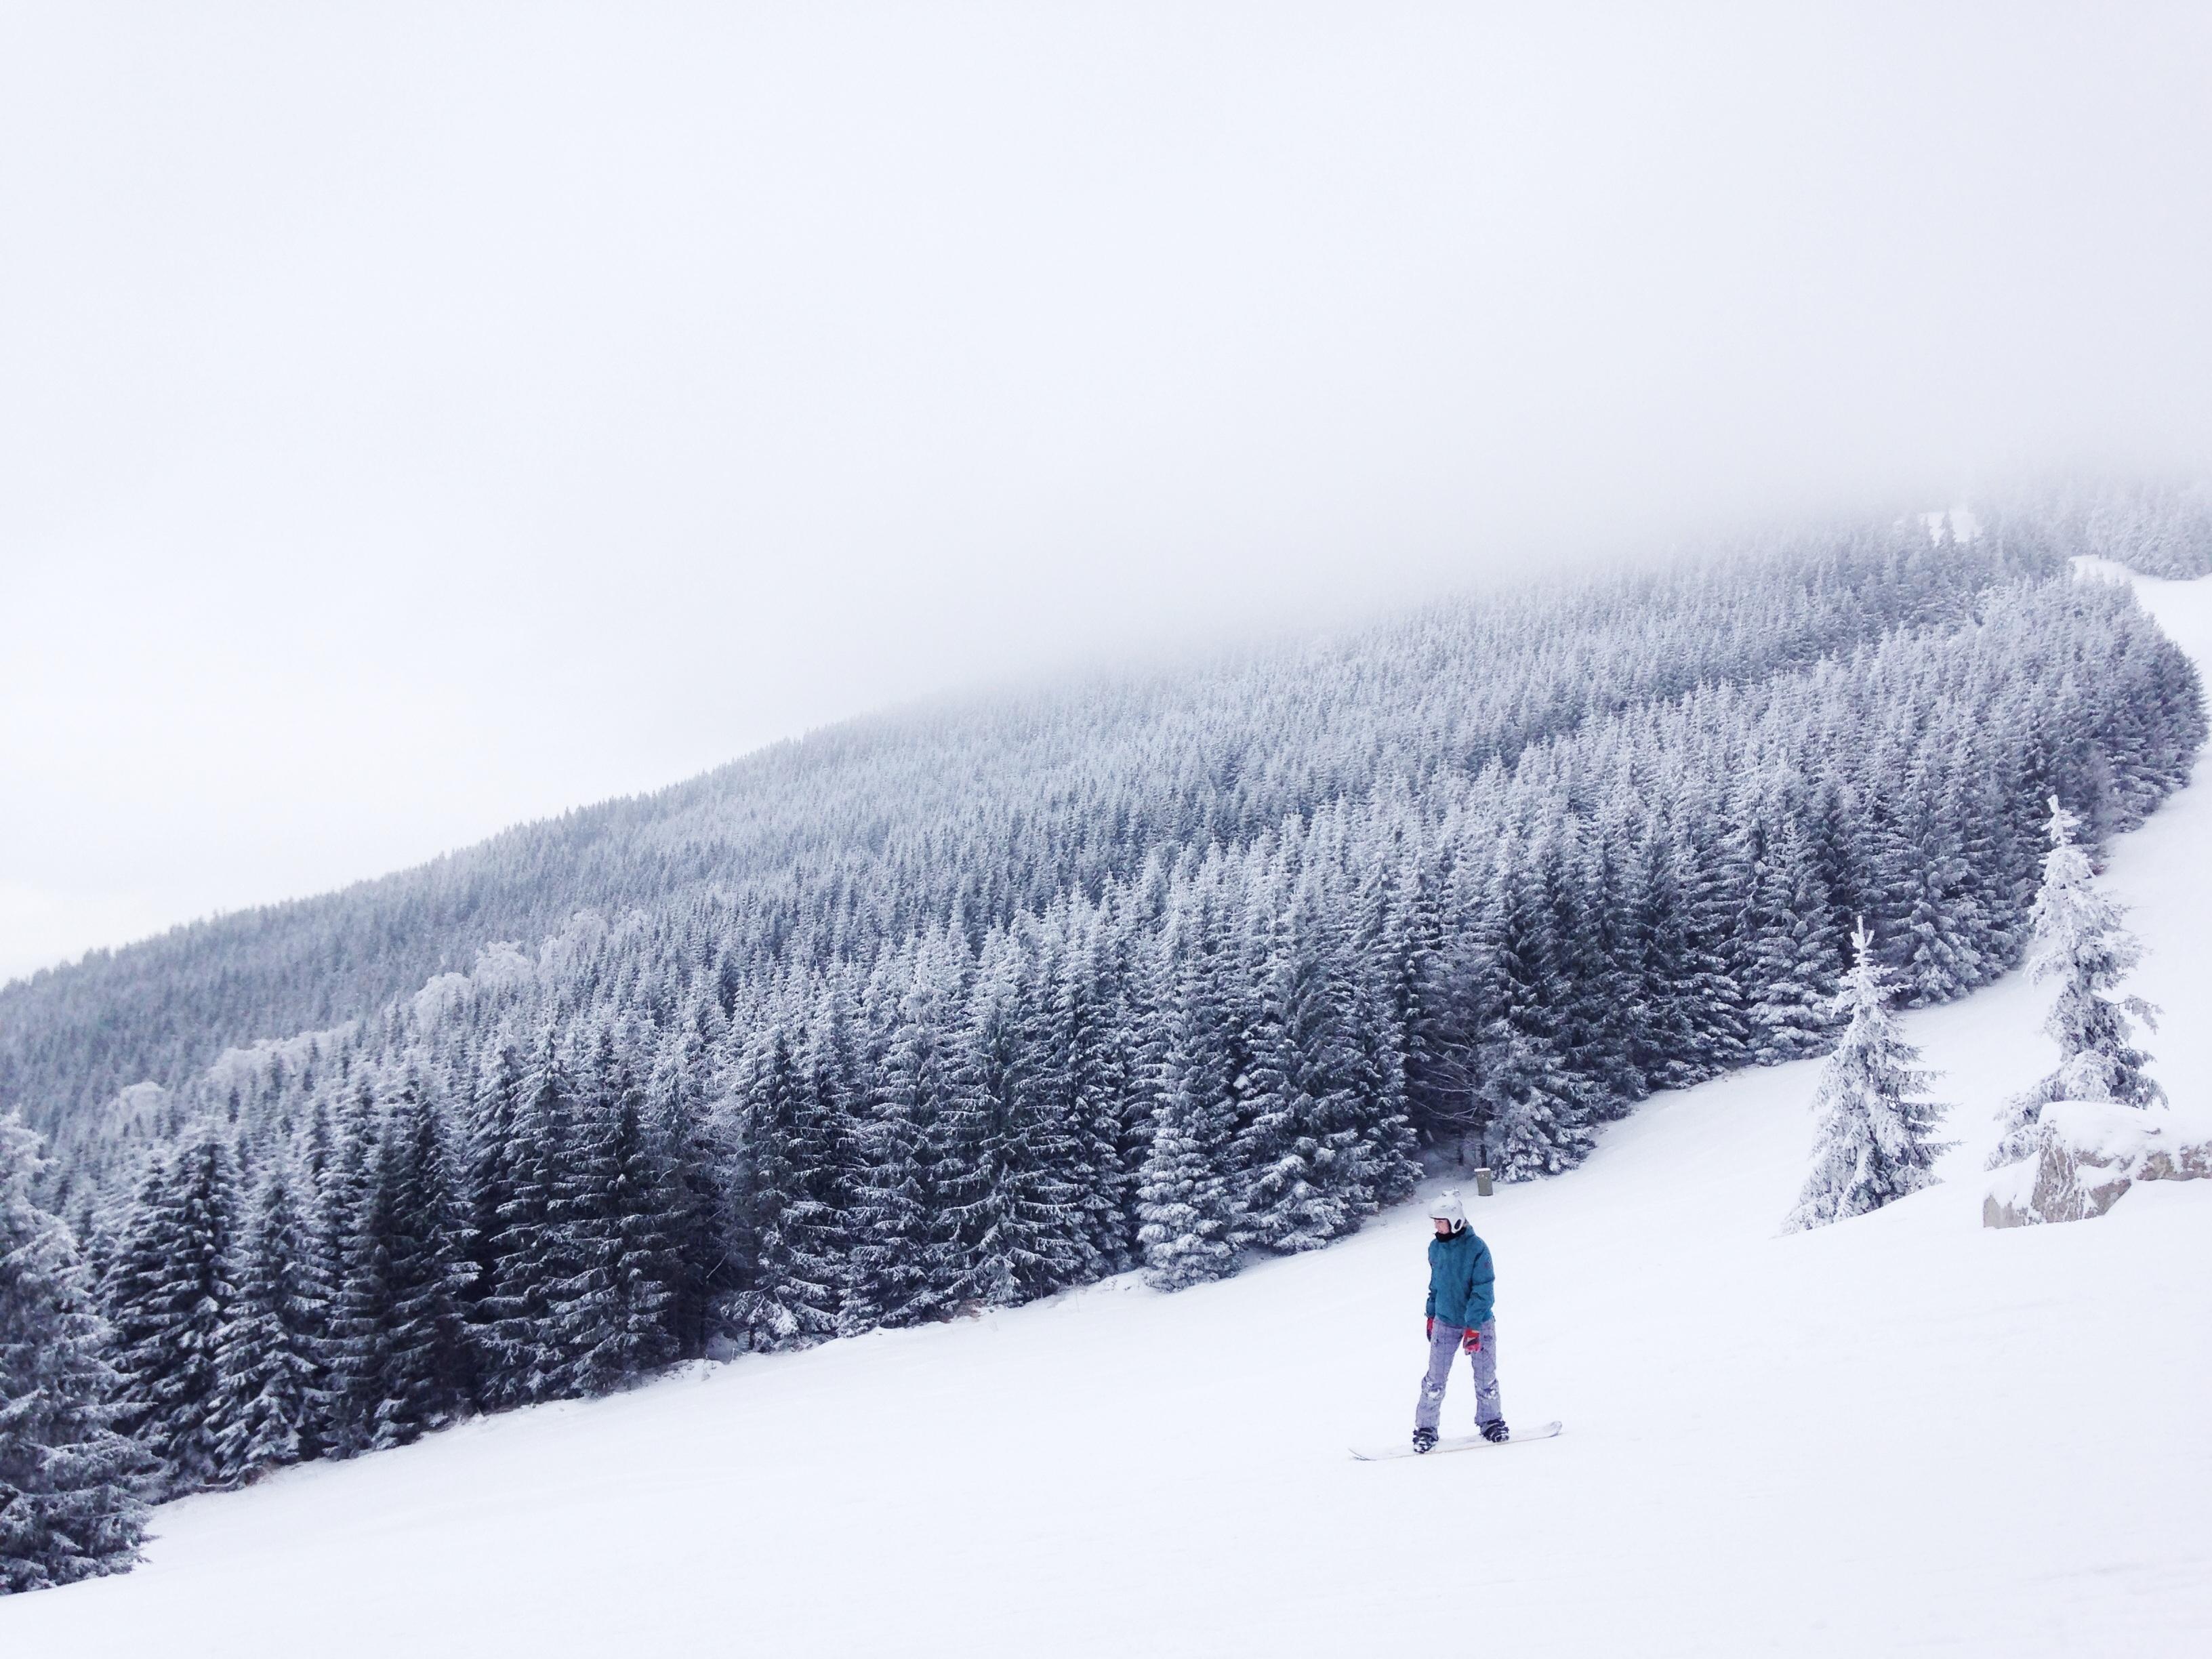 Dans la neige, photo de Tomas Kodydek, via unsplash